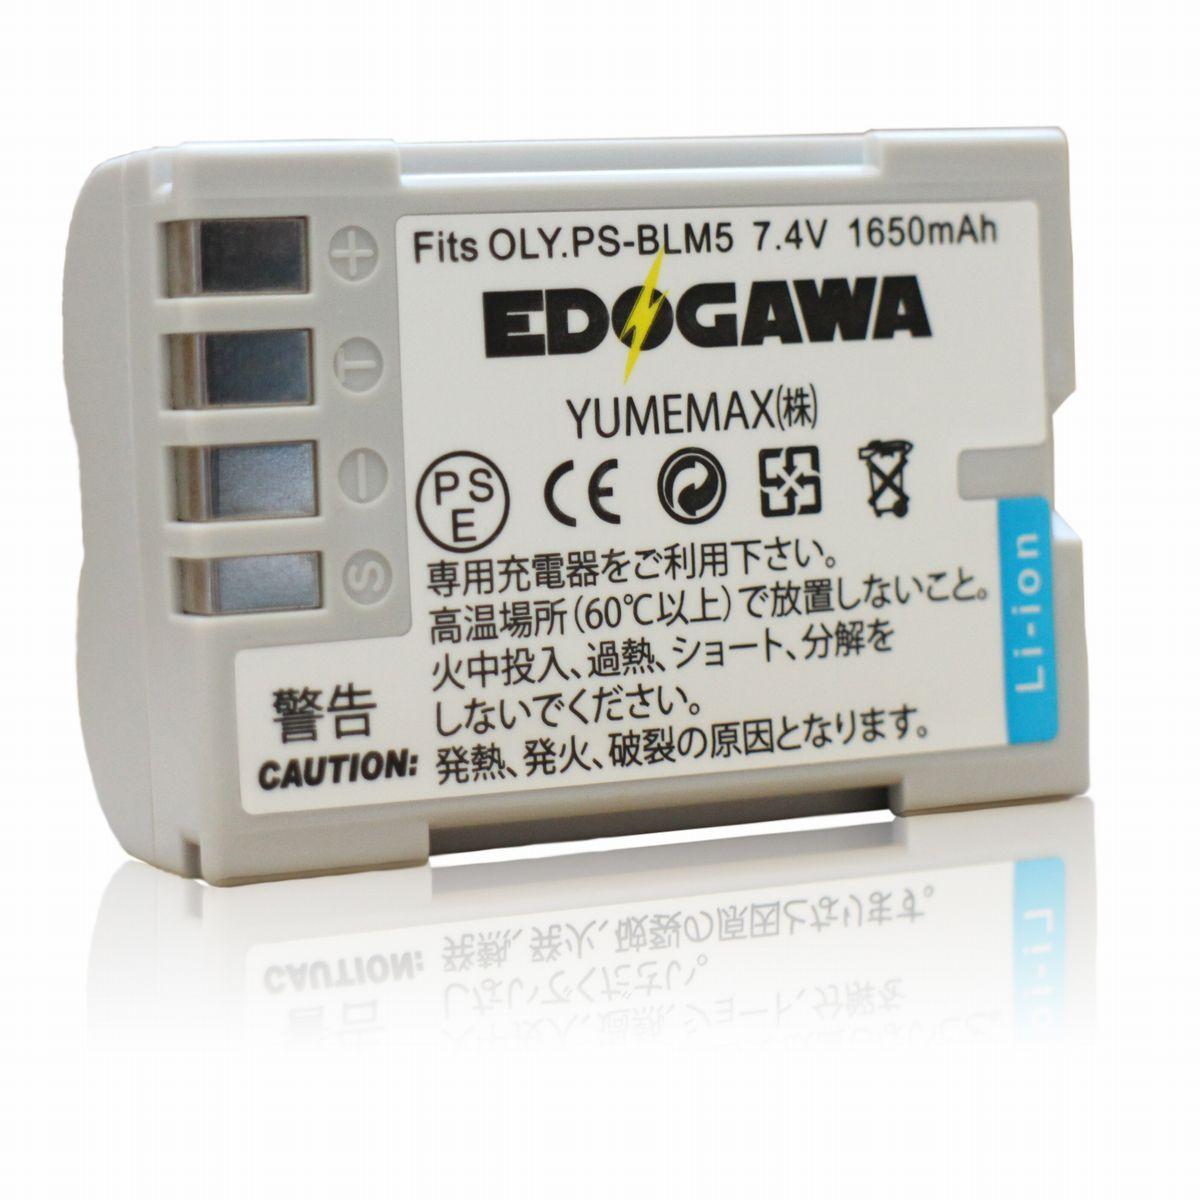 デジタルカメラ用アクセサリー, バッテリーパック EDOGAWA BLM-5 E-1E-3E-5E-30E-300E-520(ED-B AT)